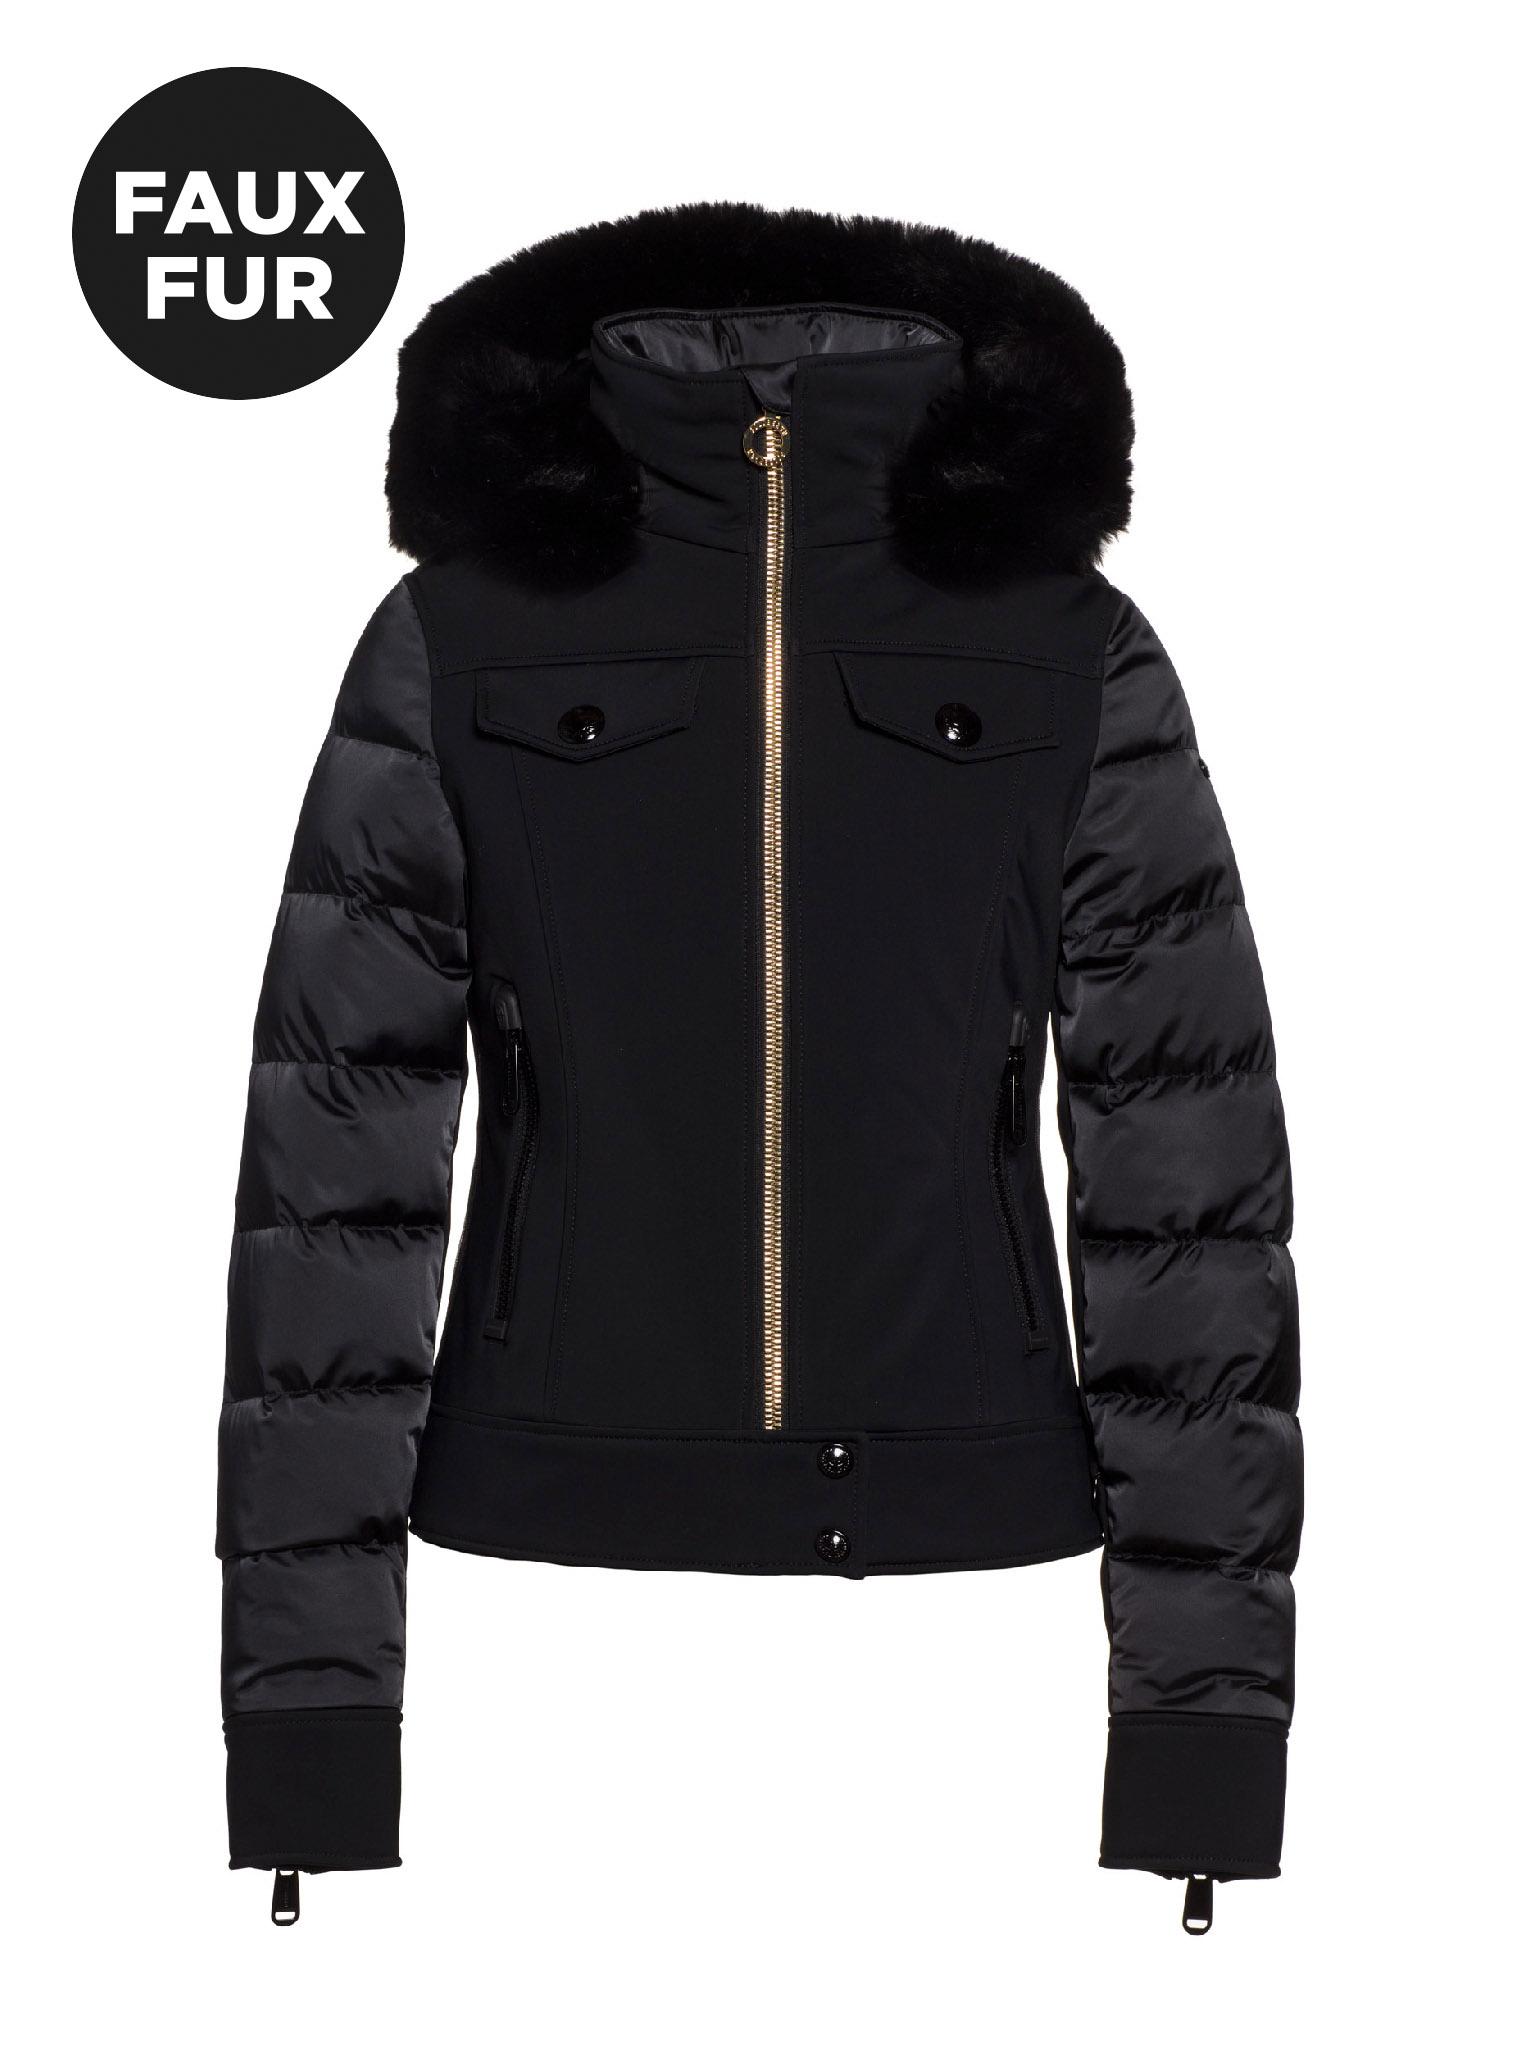 Goldbergh Canyon Jacket Faux Fur 2022